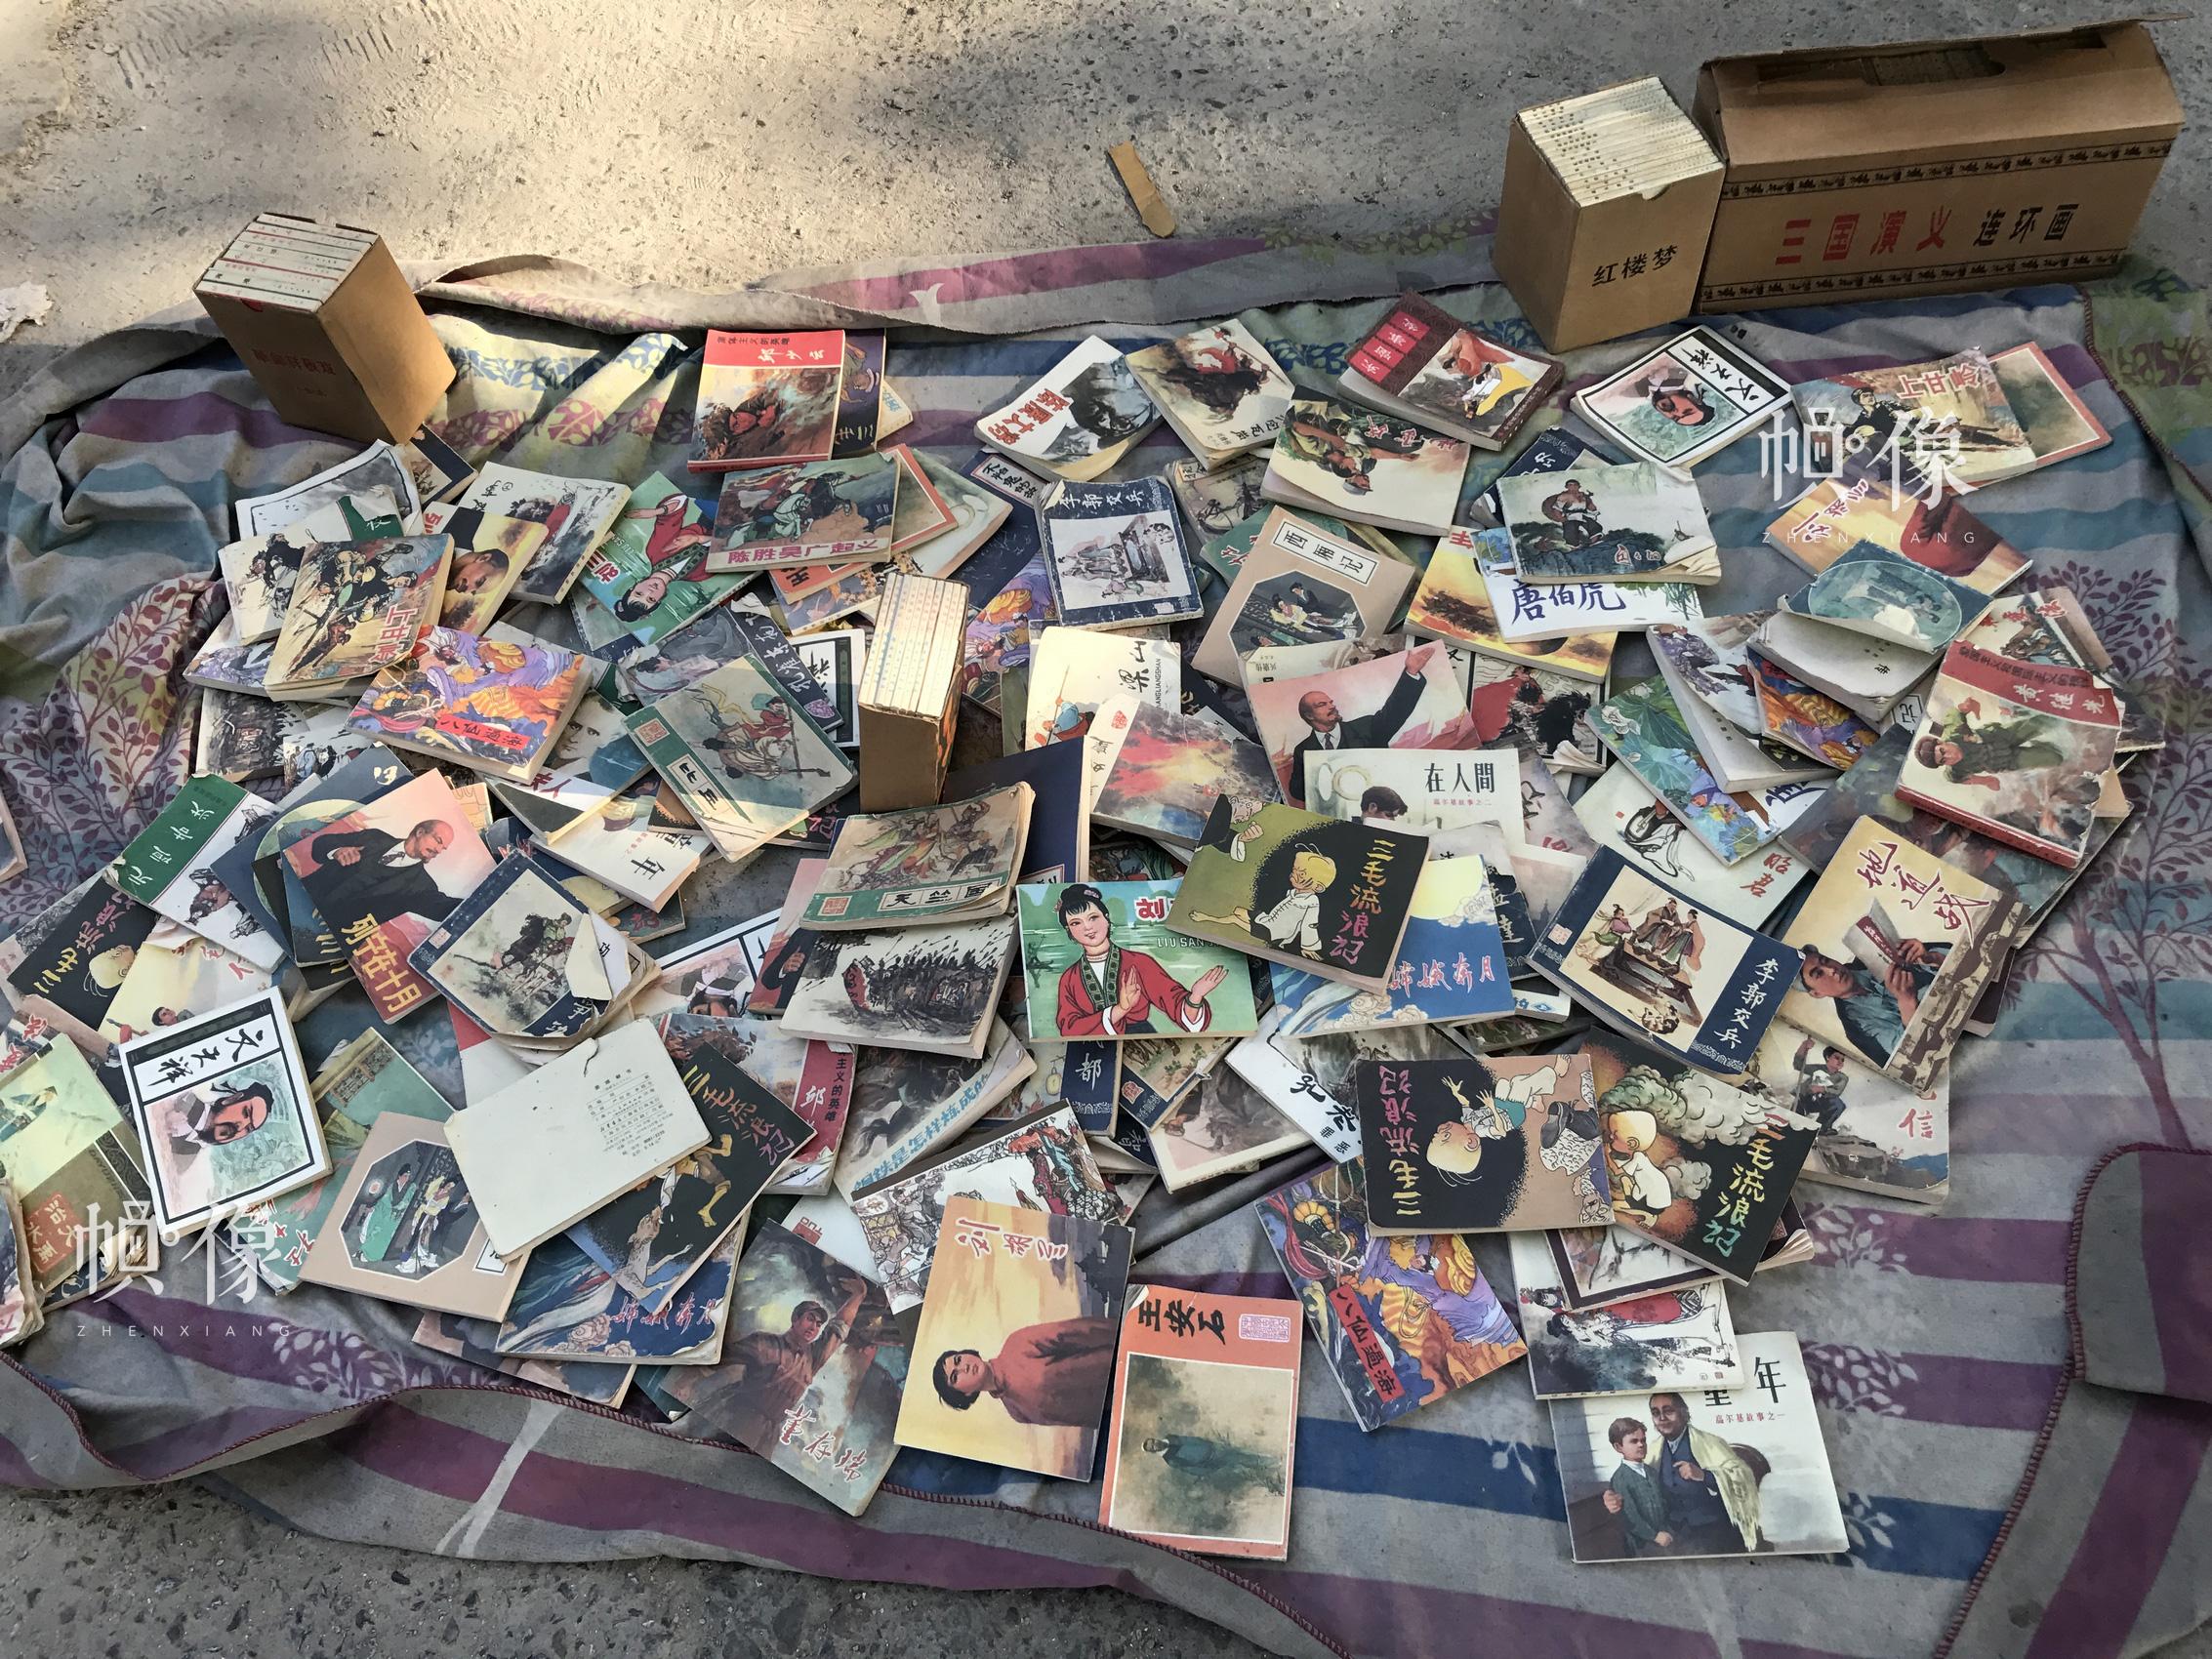 北京北海公园门口的路旁,摆放着一些旧书的书摊。 中国网记者 吴静 摄